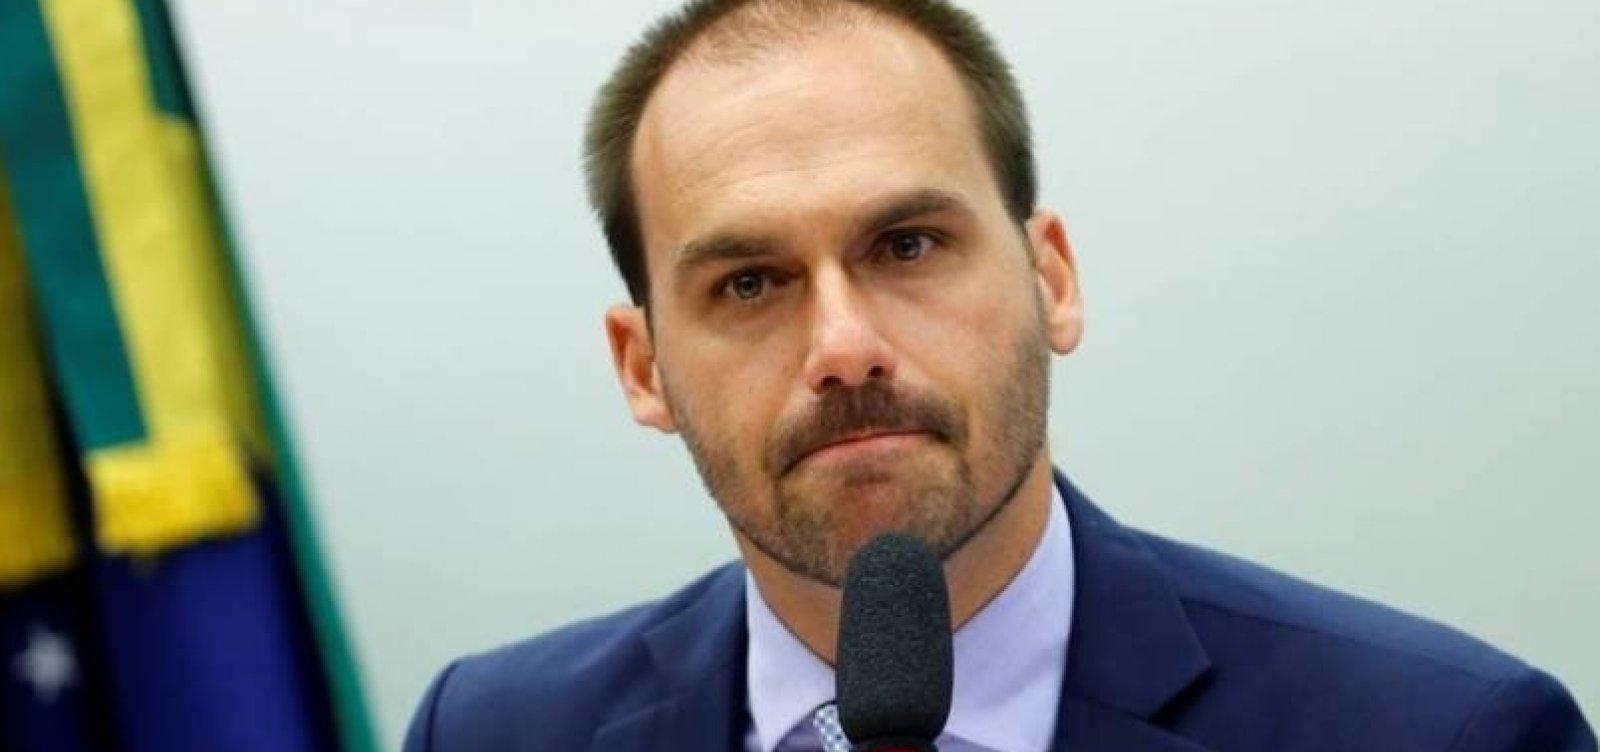 Justiça condena Eduardo Bolsonaro a indenizar jornalista Patrícia Campos Mello por danos morais